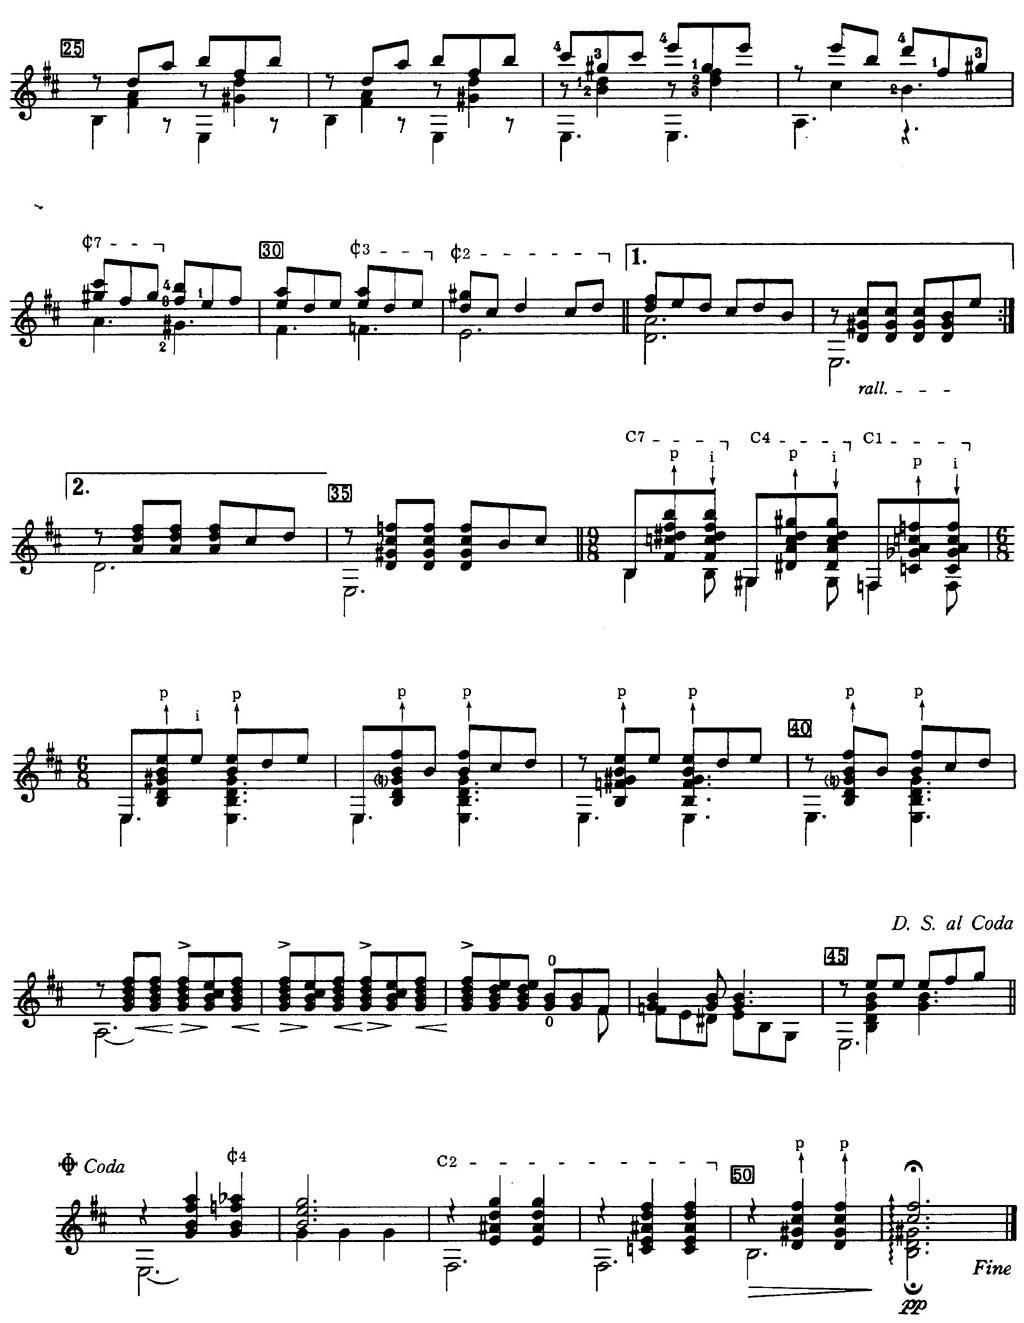 德彪西阿拉伯风钢琴曲谱